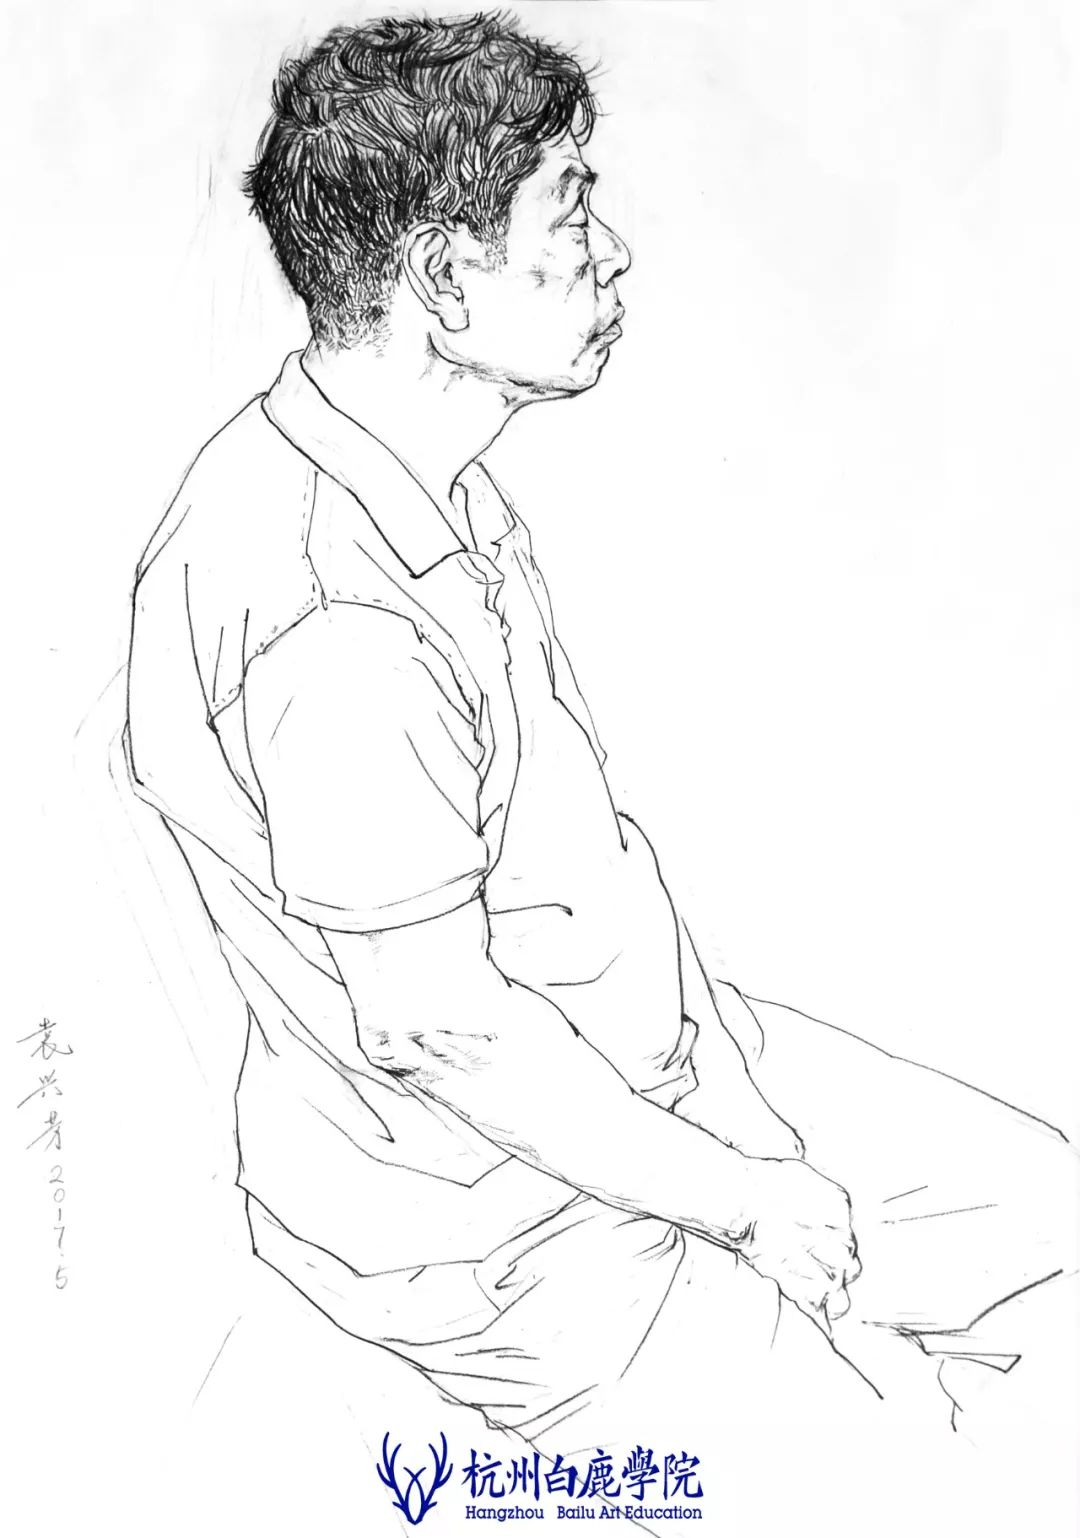 杭州白鹿画室,杭州美术校考,中国美术学院       17